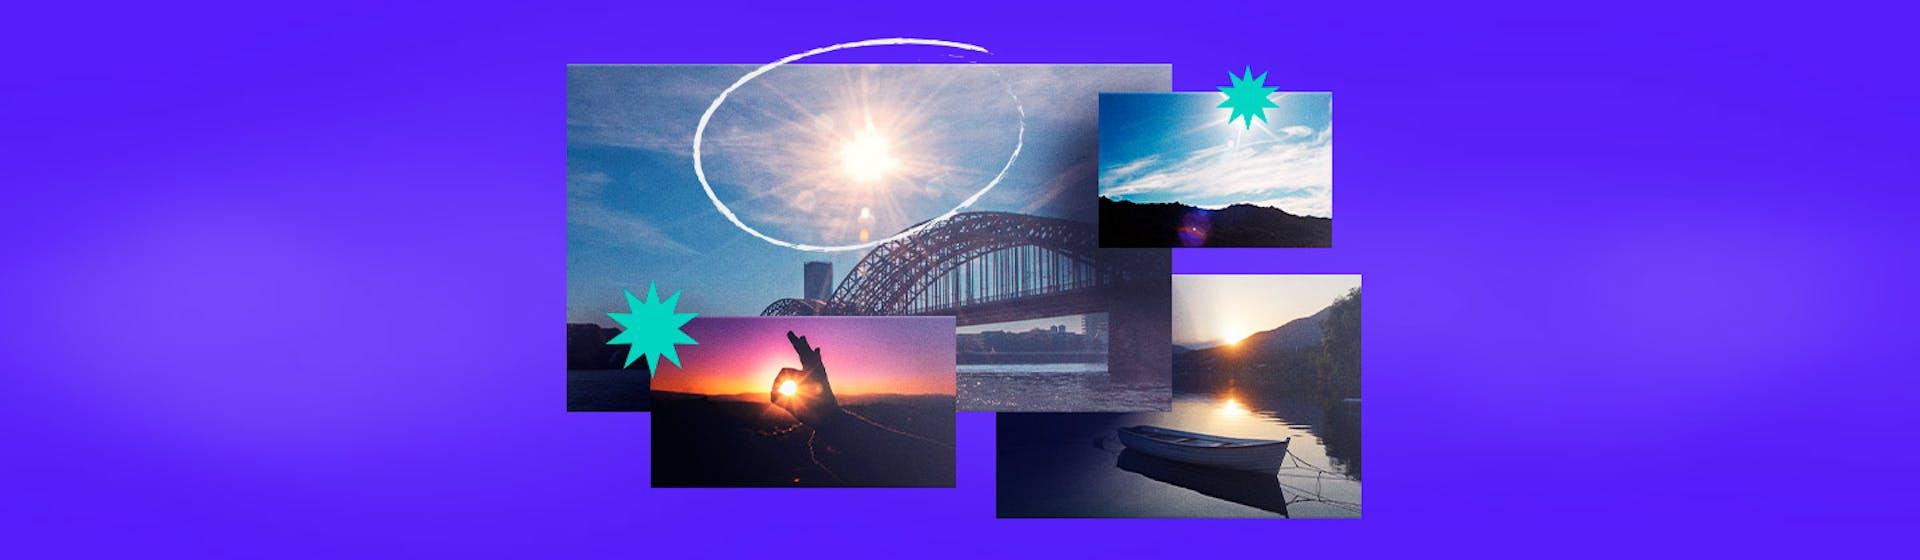 Descubre el efecto flare y cómo darles destellos de luz a tus fotografías